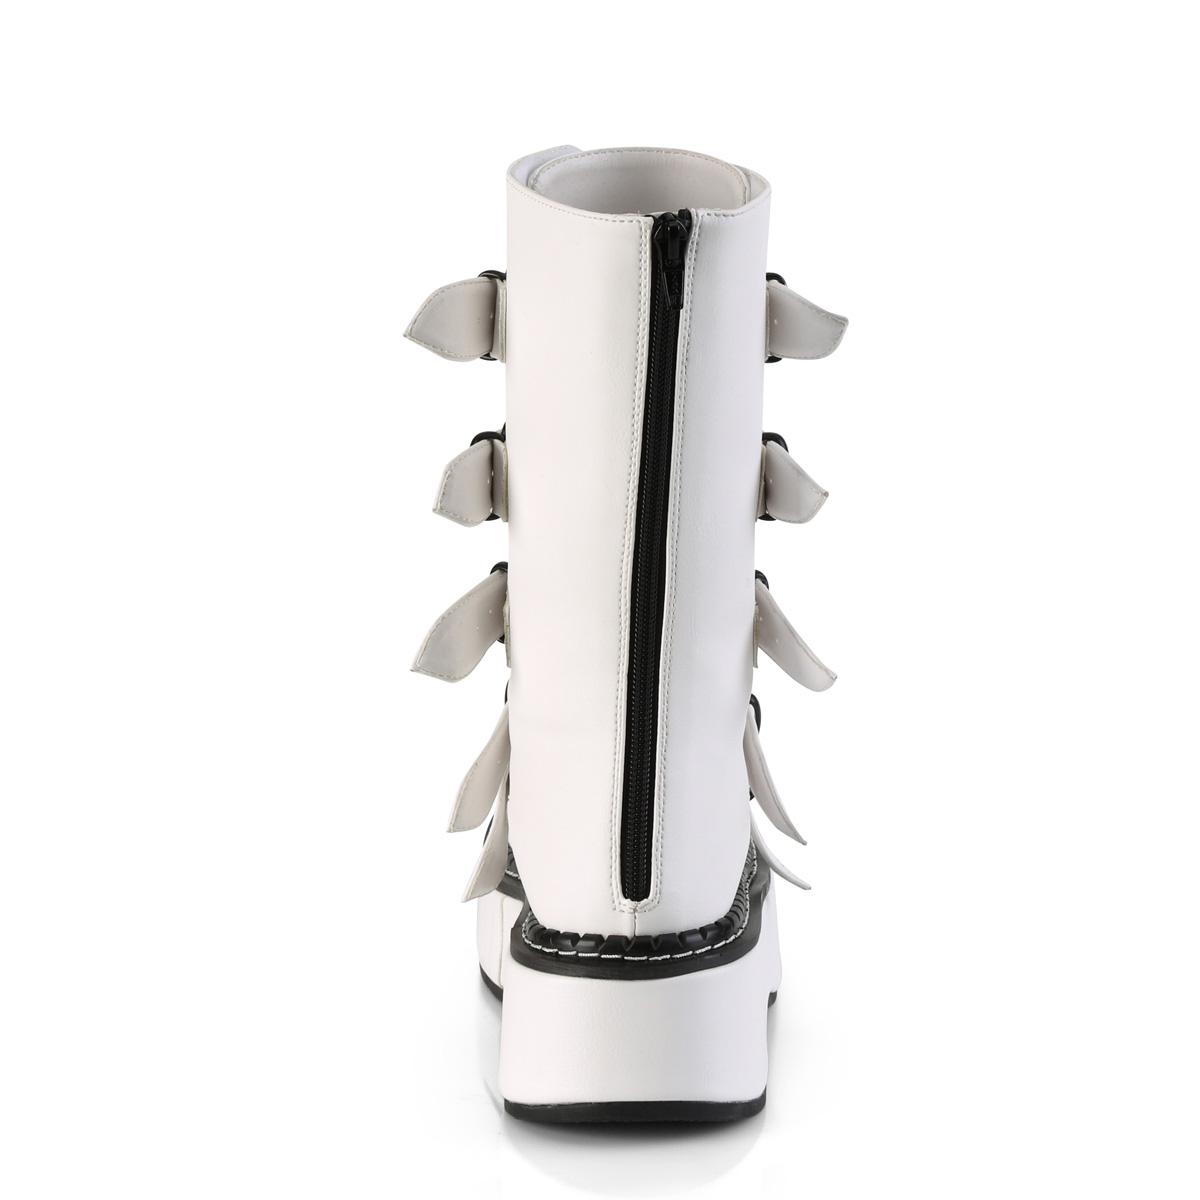 Demonia(デモニア) EMILY-330 5バックルストラップ&ハート型メタルプレート ミッドカーフブーツ つや消し白 ホワイト バックZIP◆取り寄せ